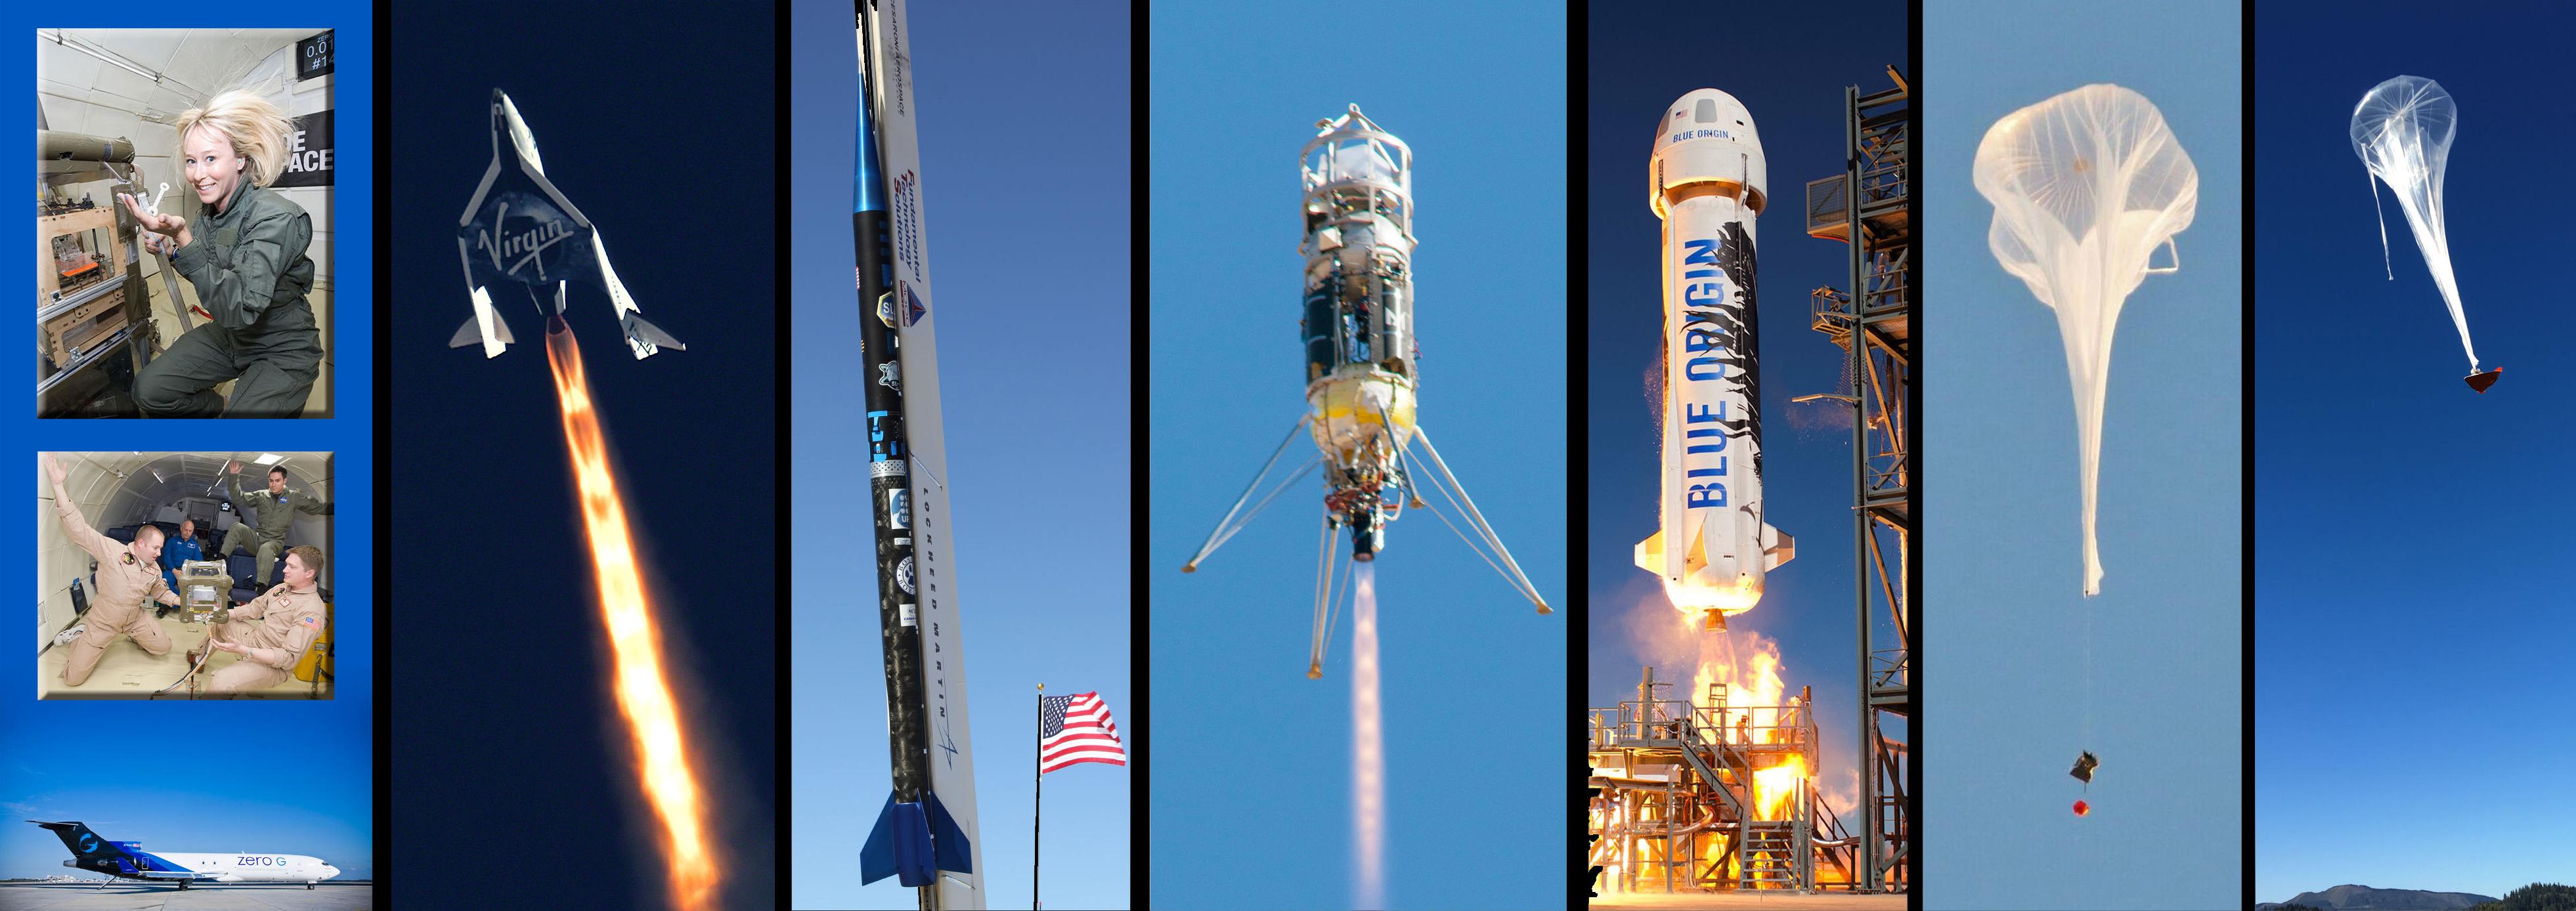 nasa selects 25 promising space technologies nasa nasa